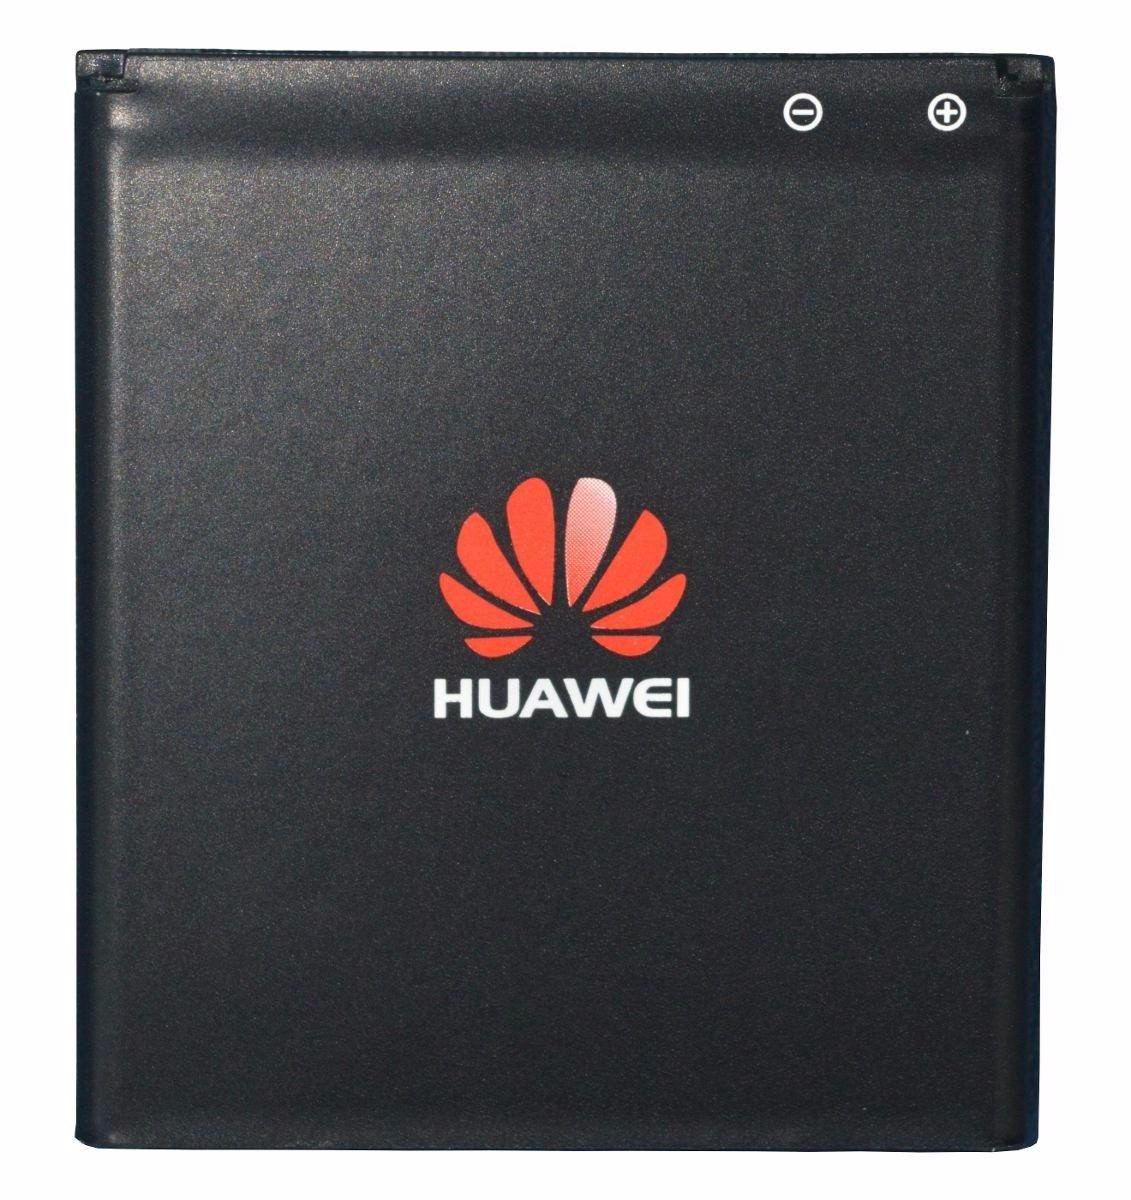 Bateria Huawei Hb5v1 Hb5v1hv Y300 U8833 G350 Y900 Y340